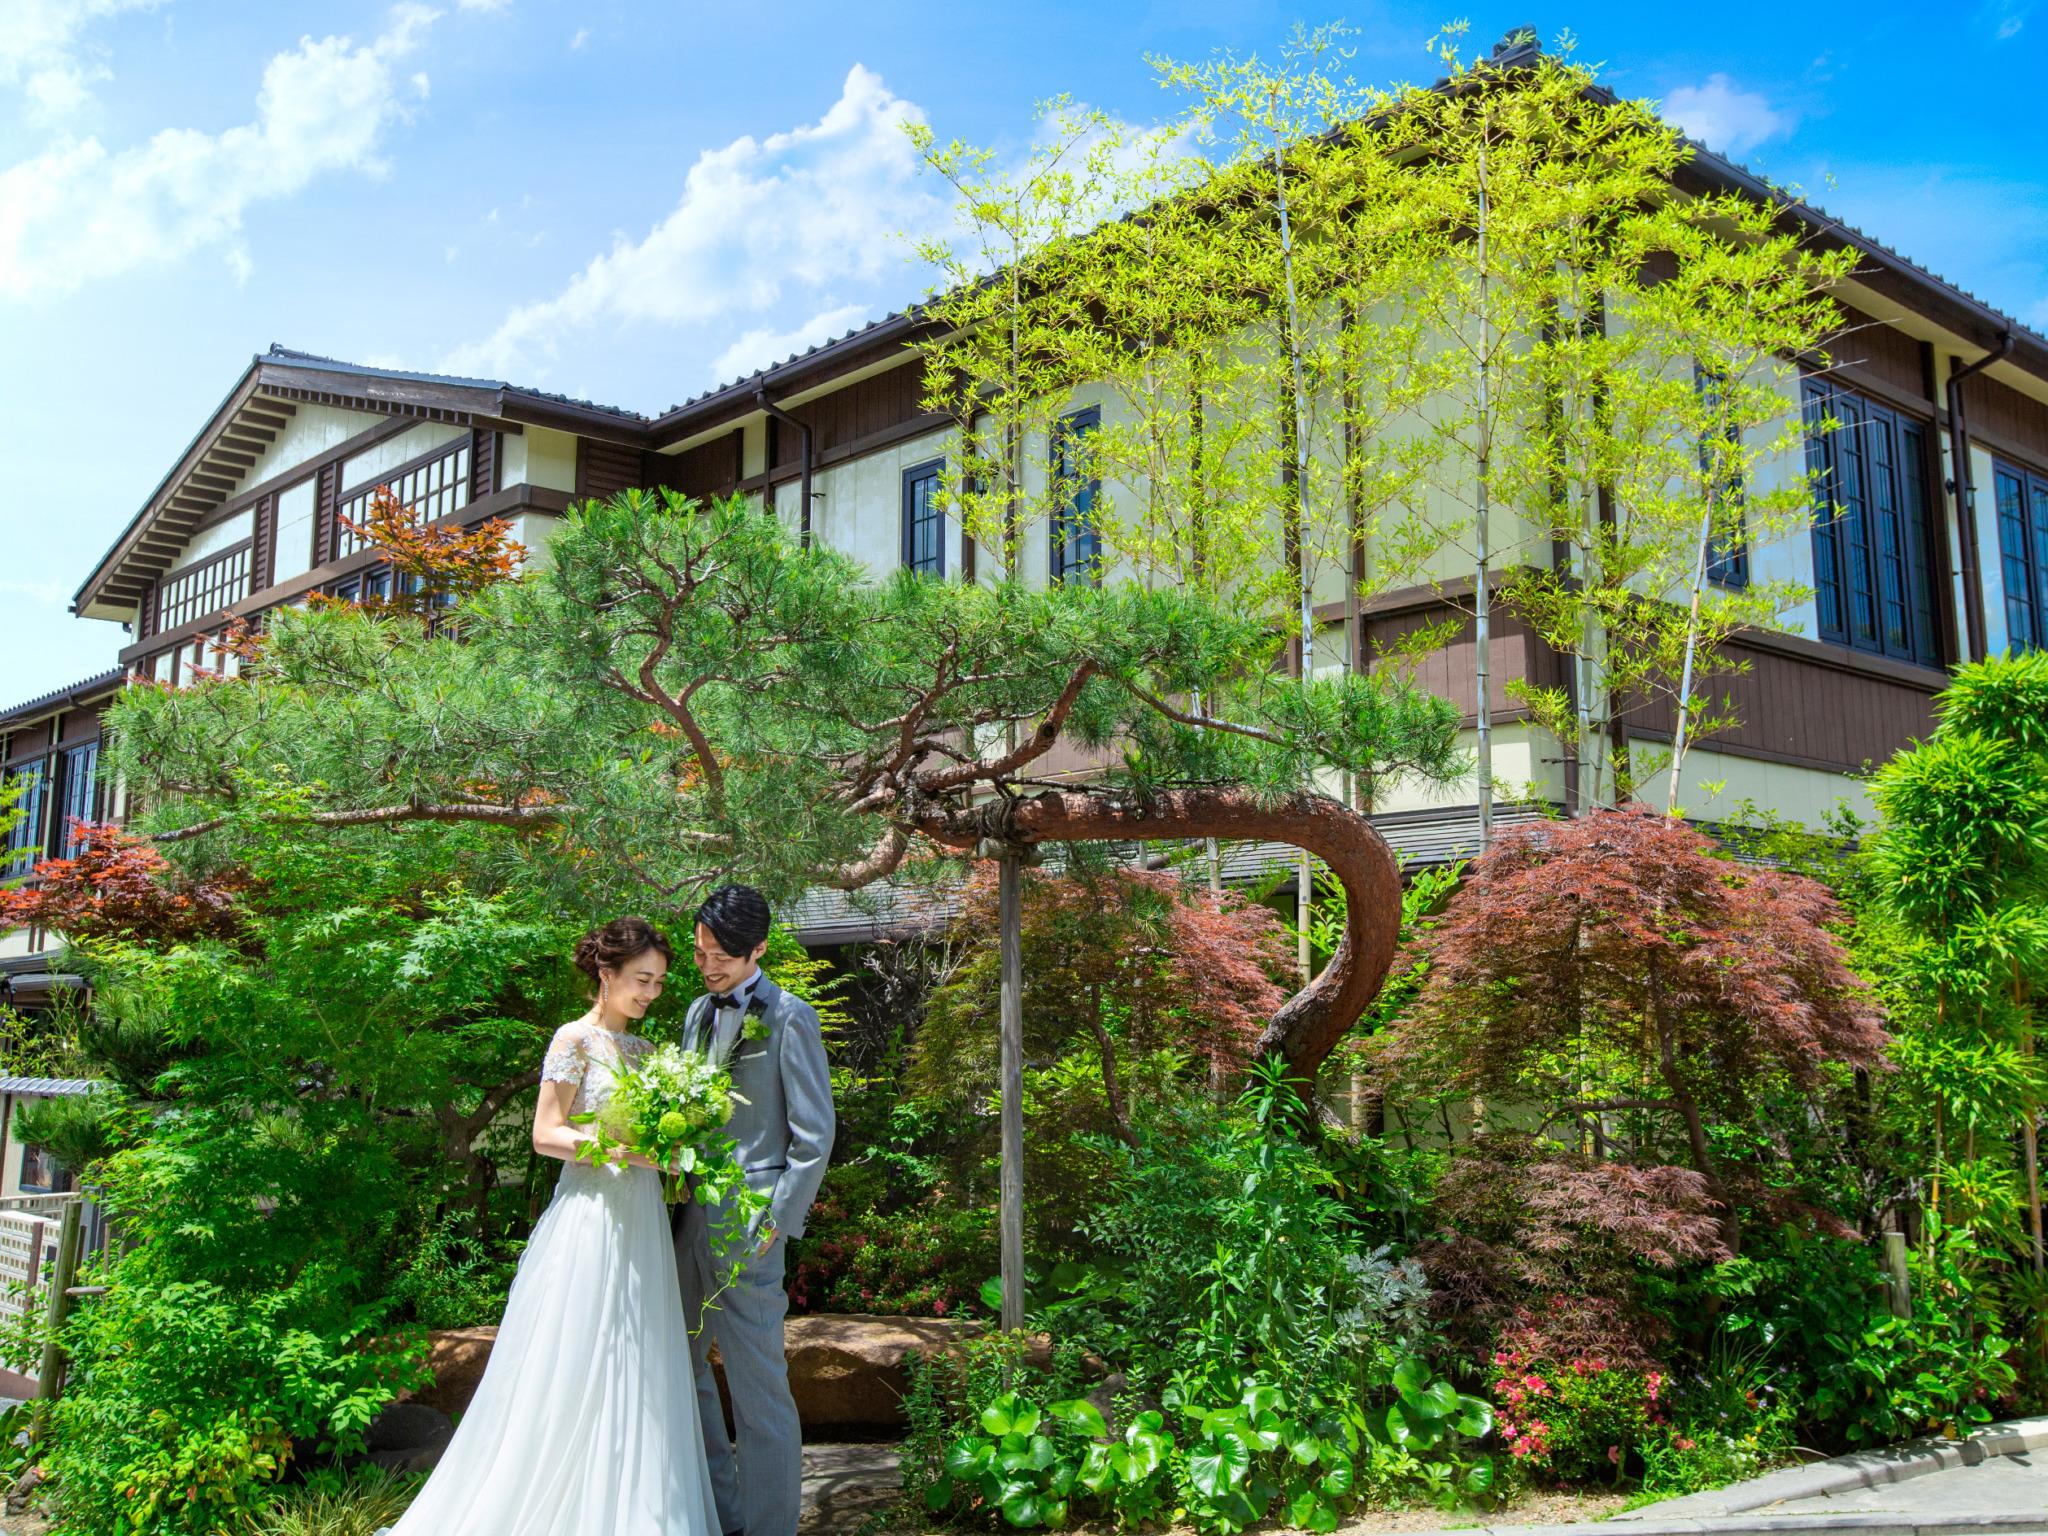 歴史的建造物が立ち並び風情ある 京都東山に佇む、和邸宅がおもてなしの舞台